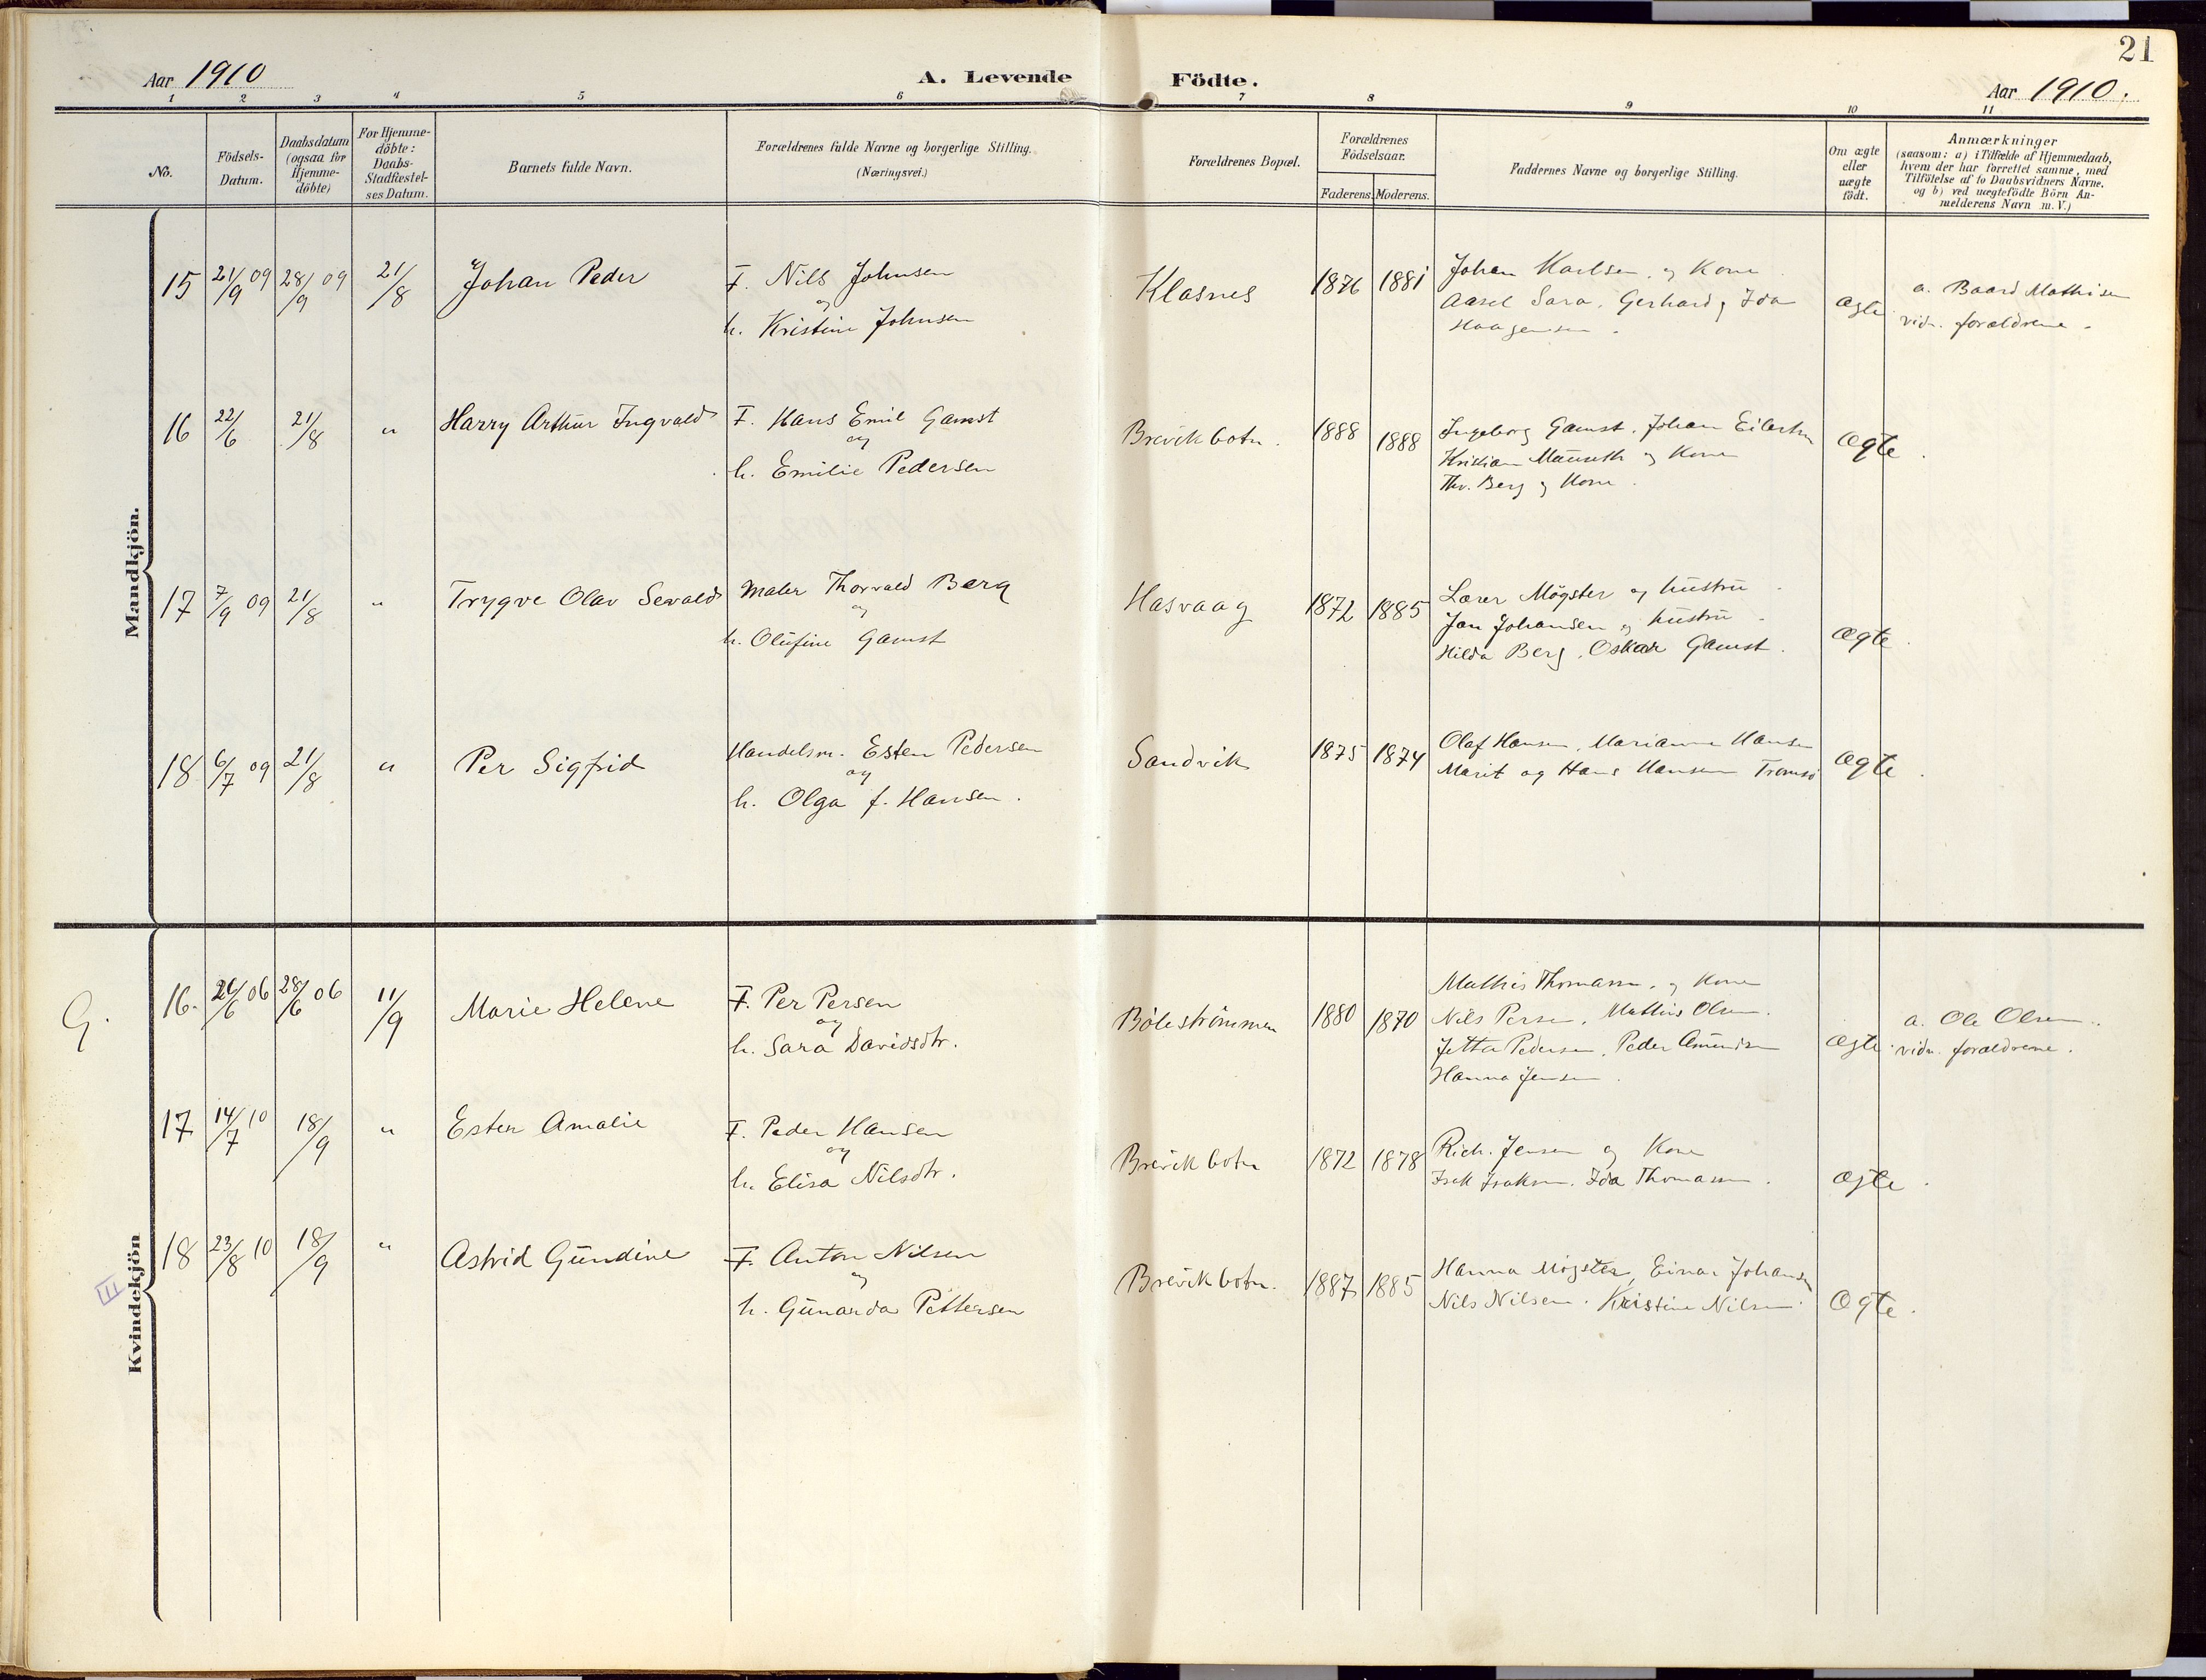 SATØ, Loppa sokneprestkontor, H/Ha/L0010kirke: Ministerialbok nr. 10, 1907-1922, s. 21